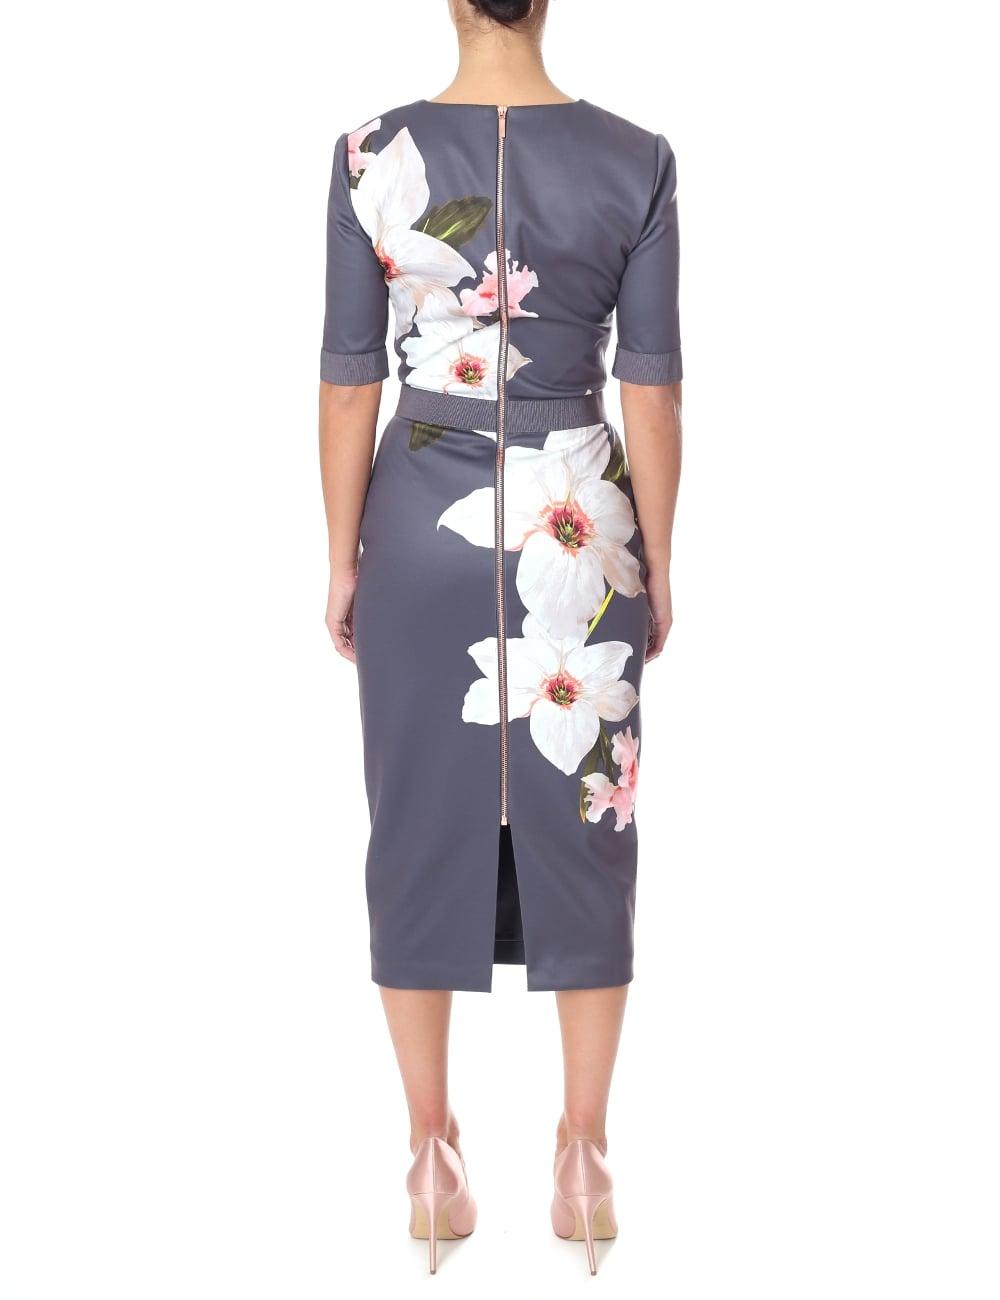 649e958a Ted Baker Dresses On Sale – Fashion dresses